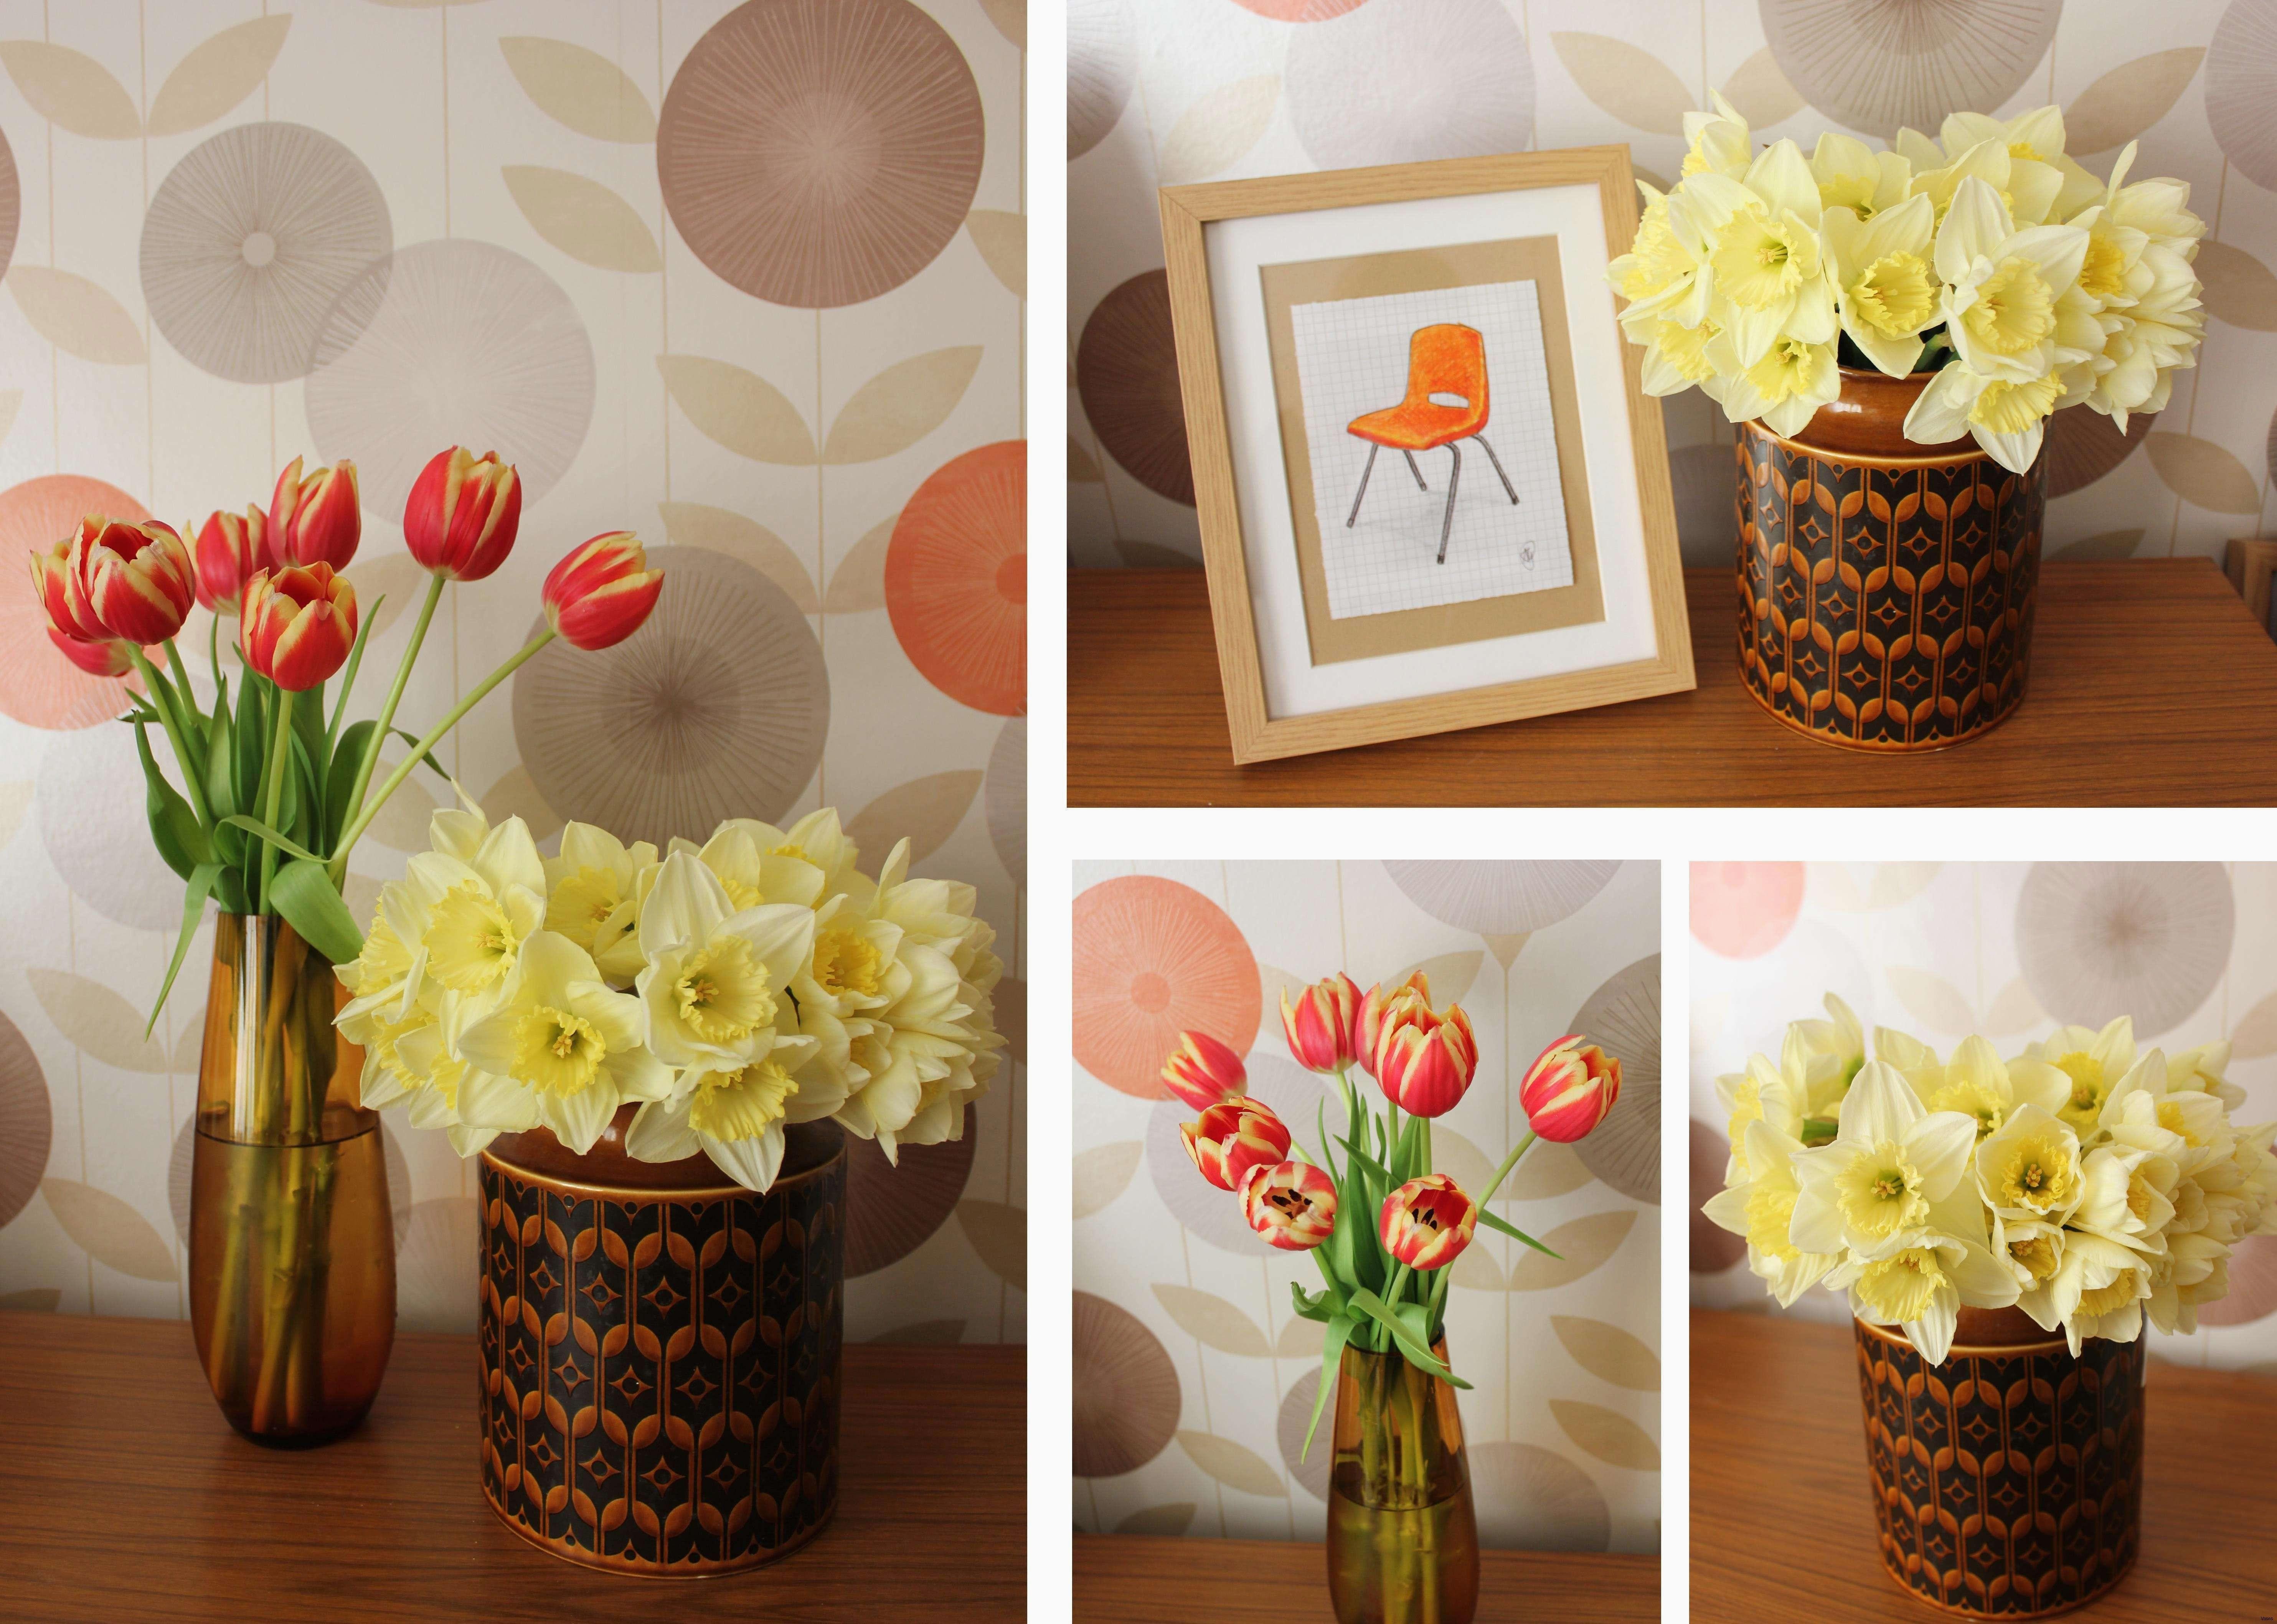 28 Fashionable Large Chinese Vase | Decorative vase Ideas